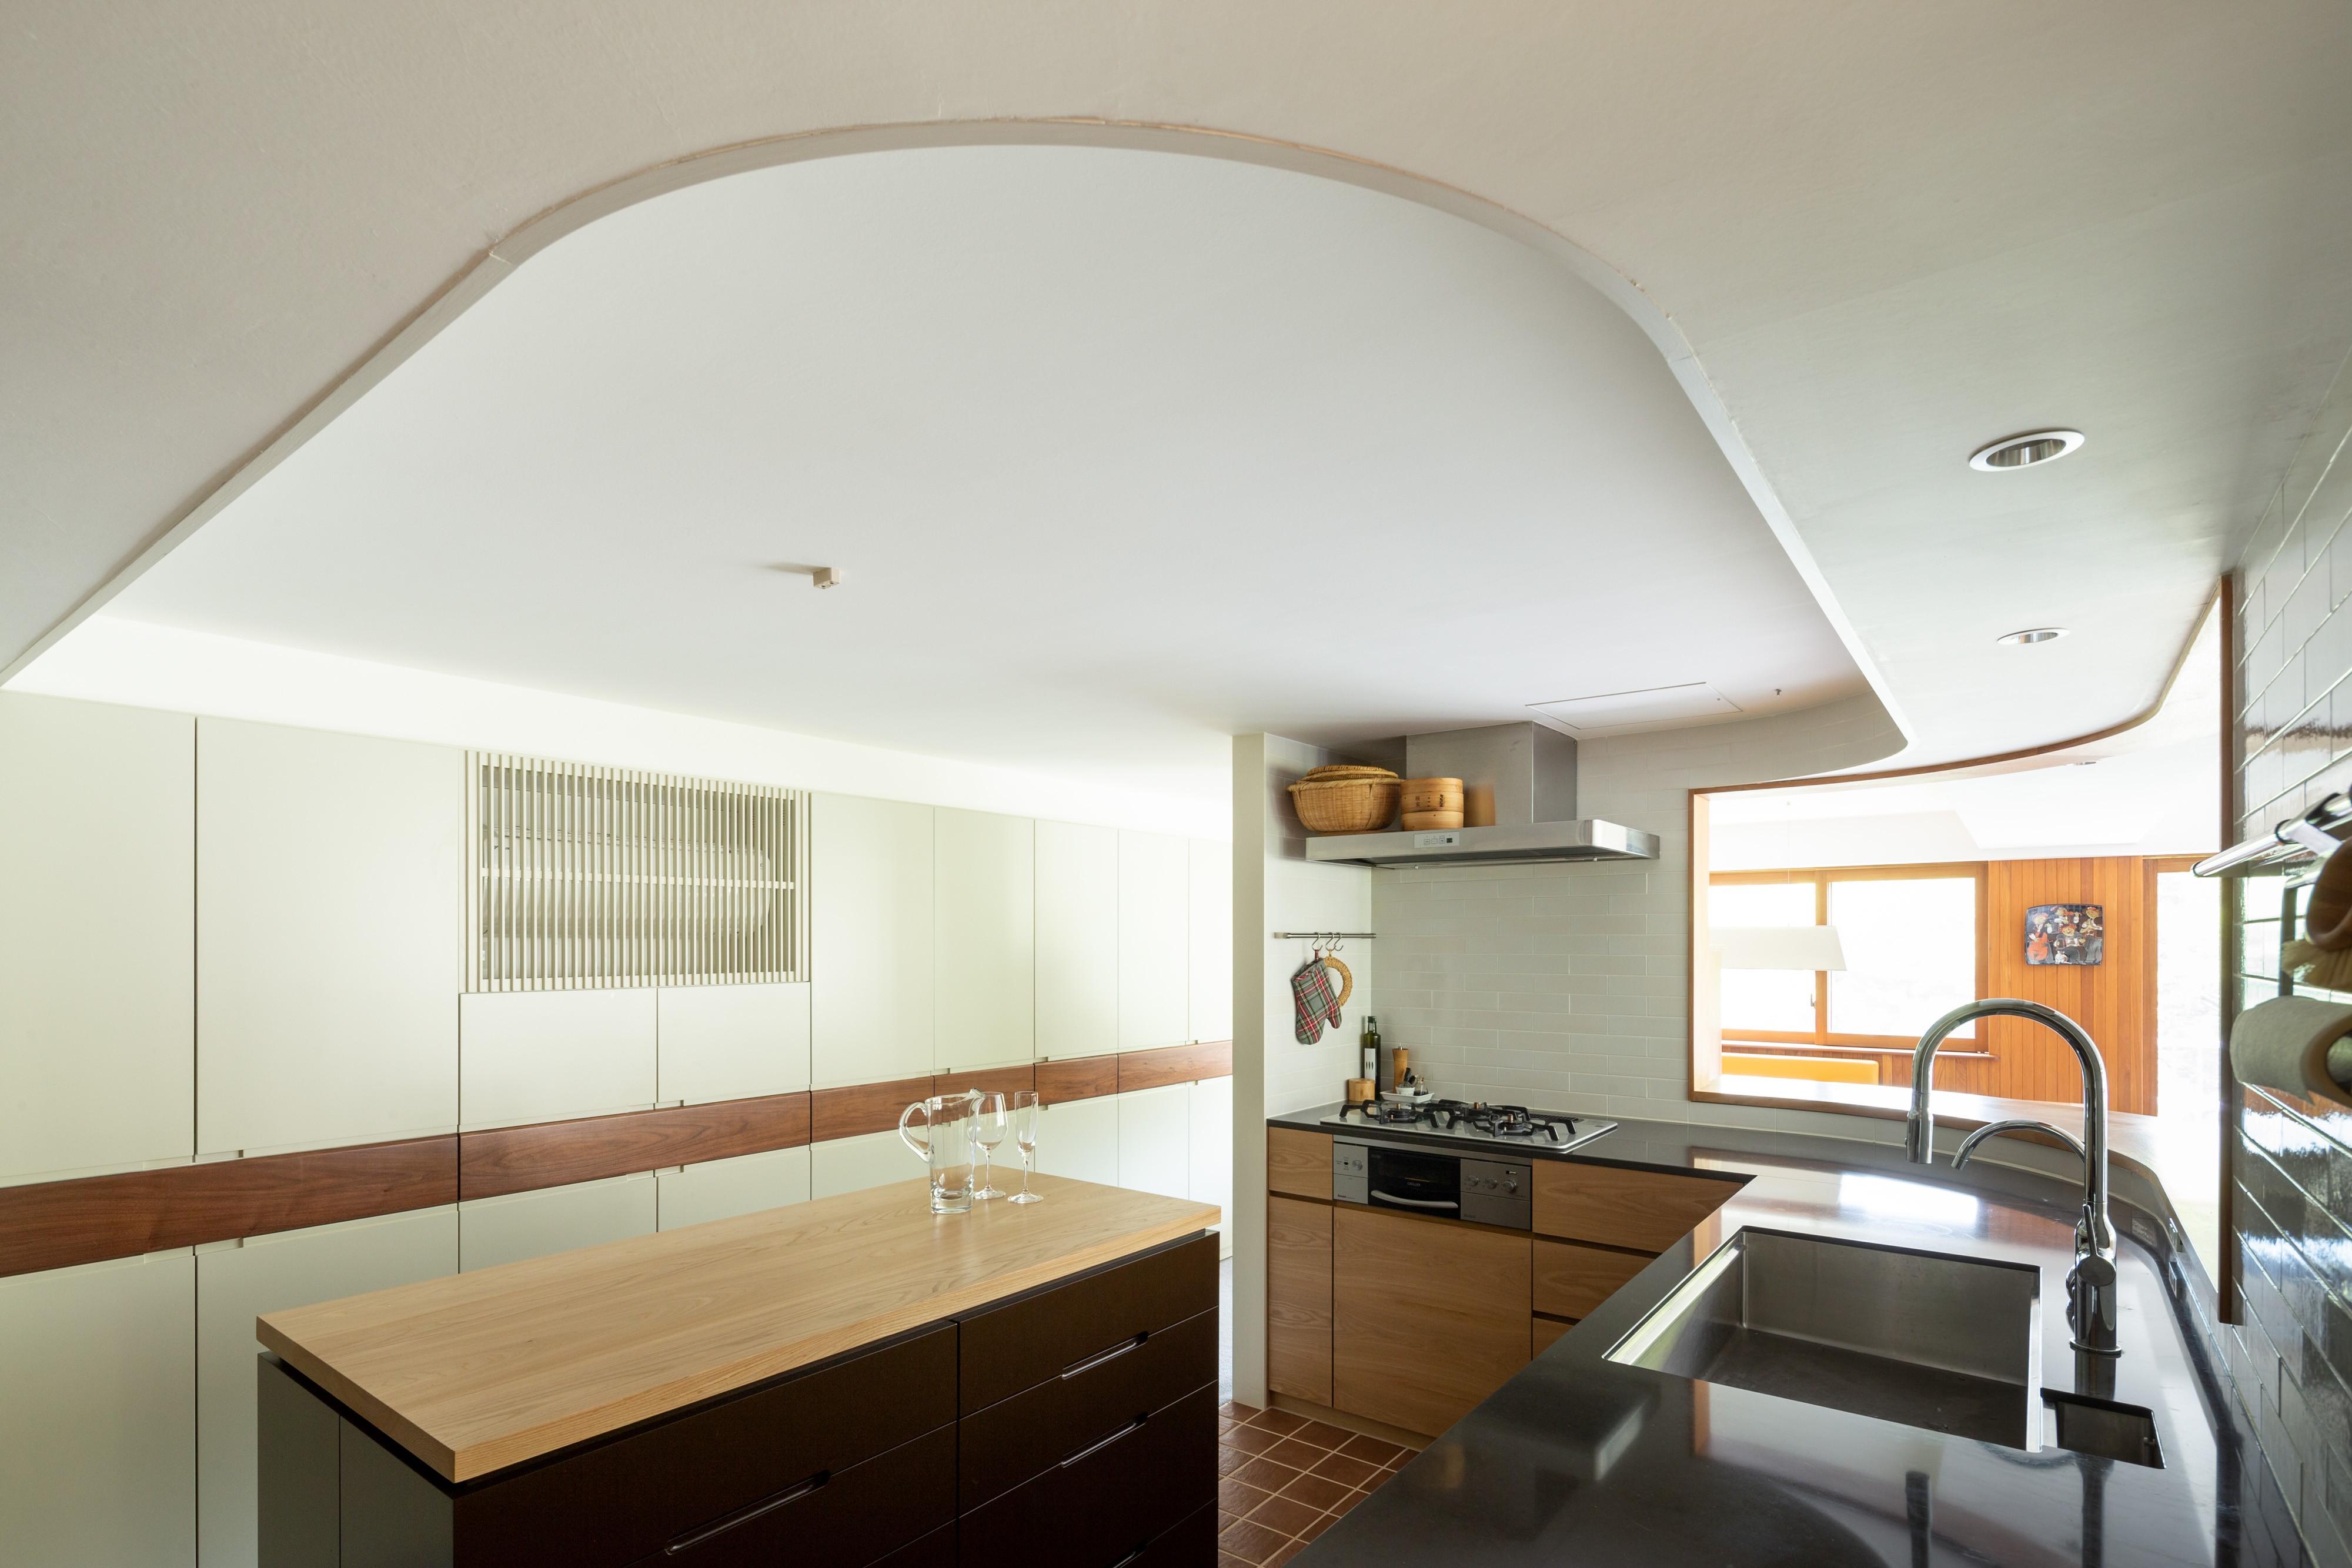 キッチン事例:三田綱町の家 キッチン(三田綱町の家)